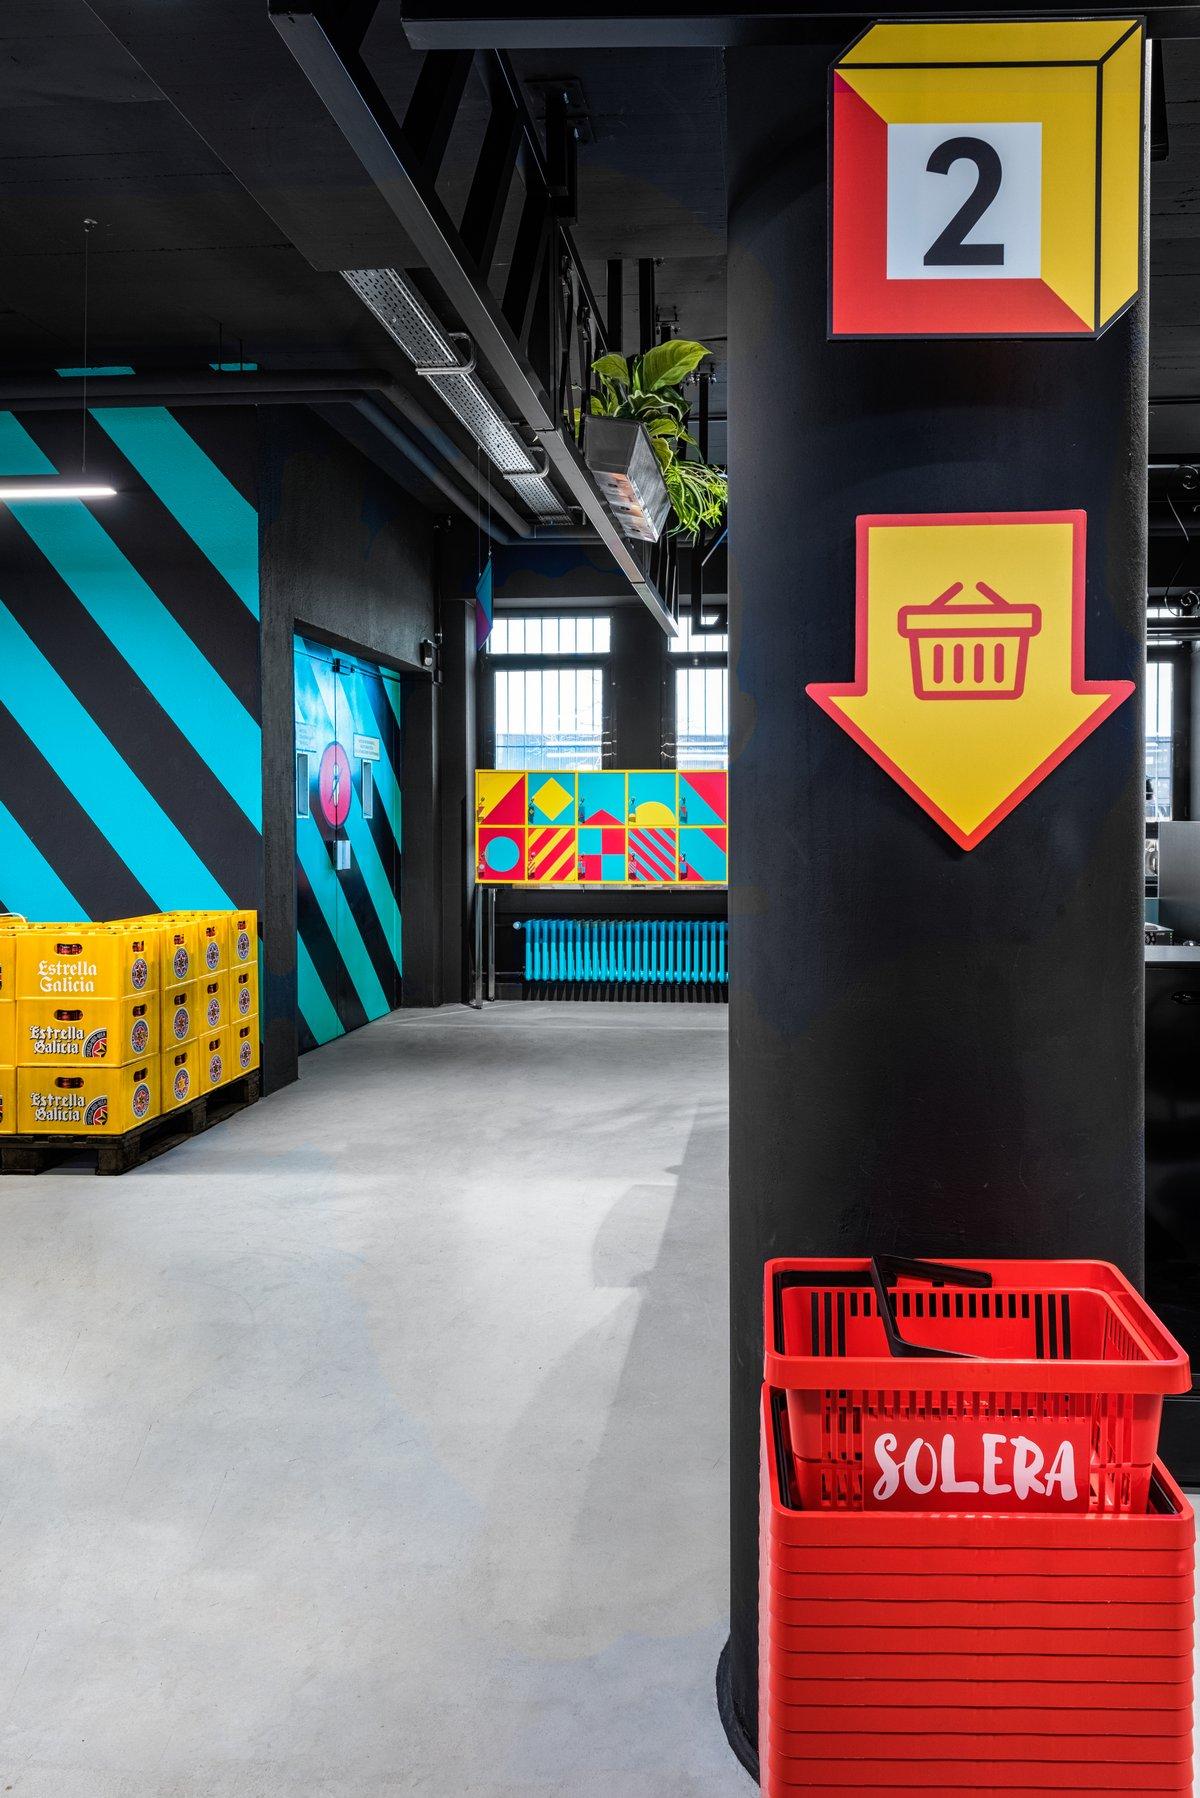 Супермаркет Solera в Кёльне